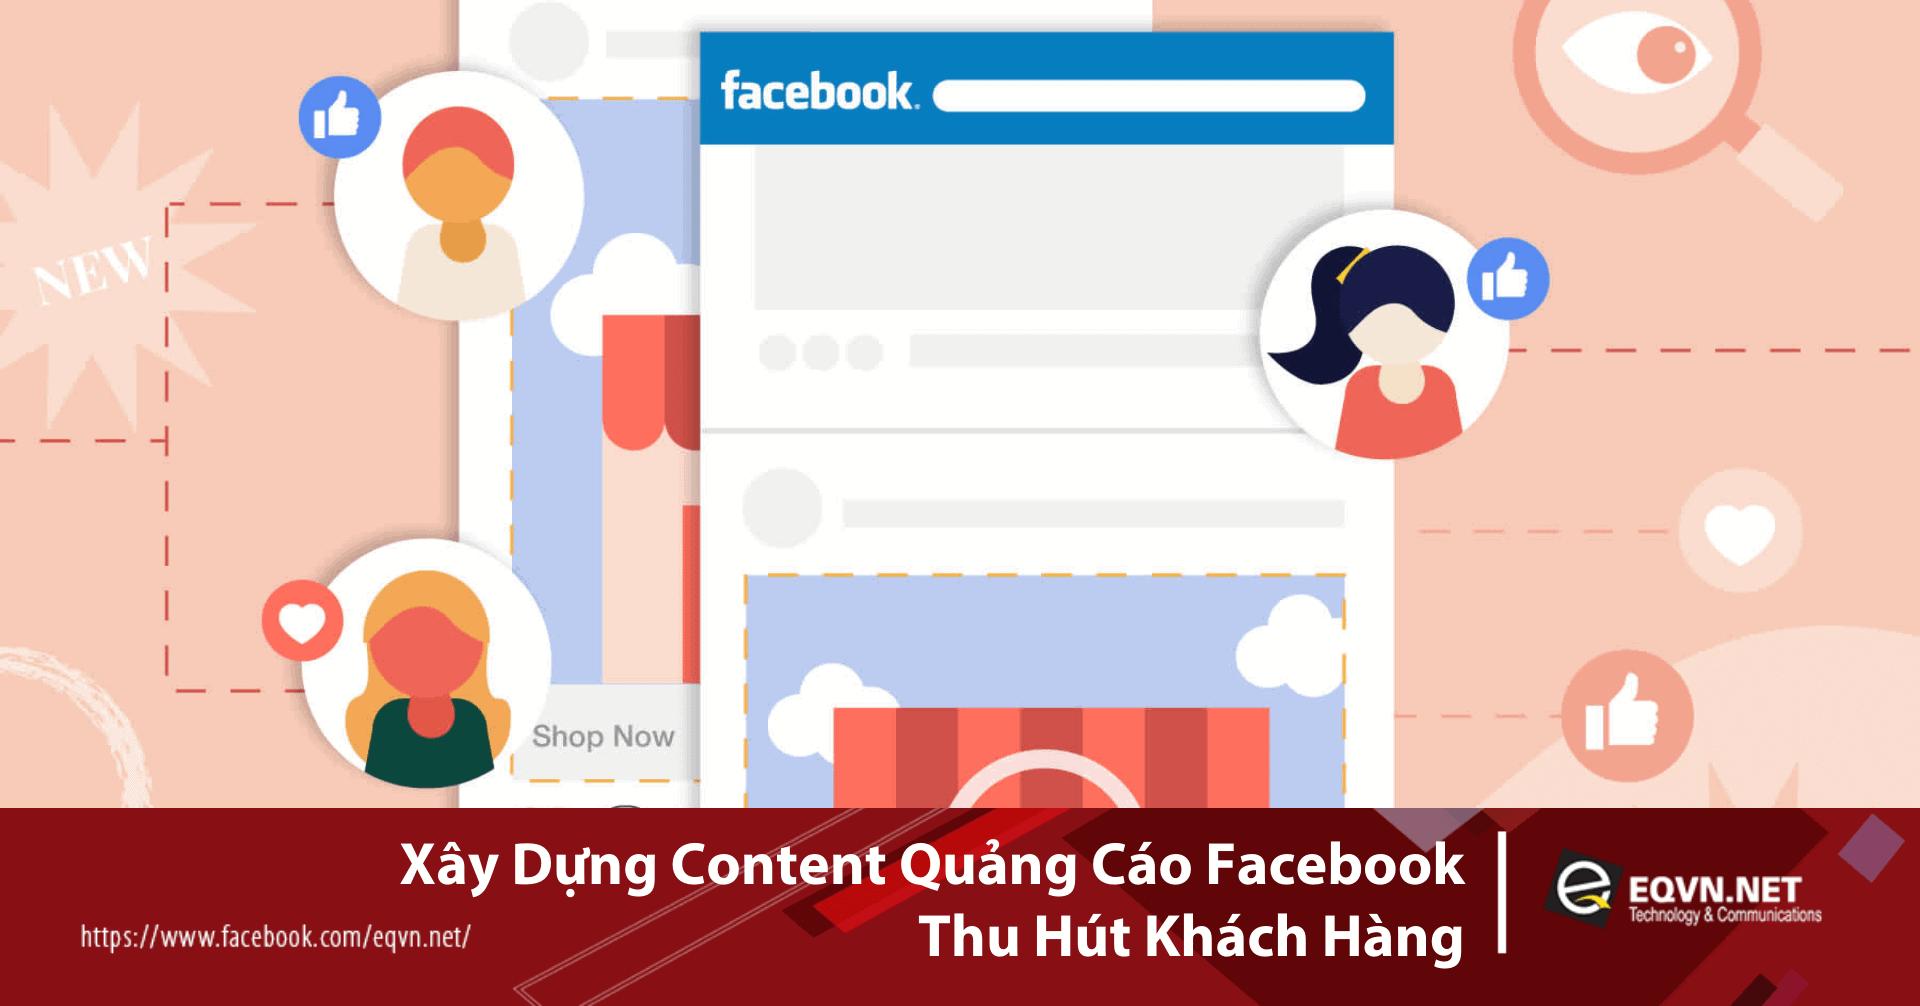 meo giup quang cao facebook thu hut khach hang